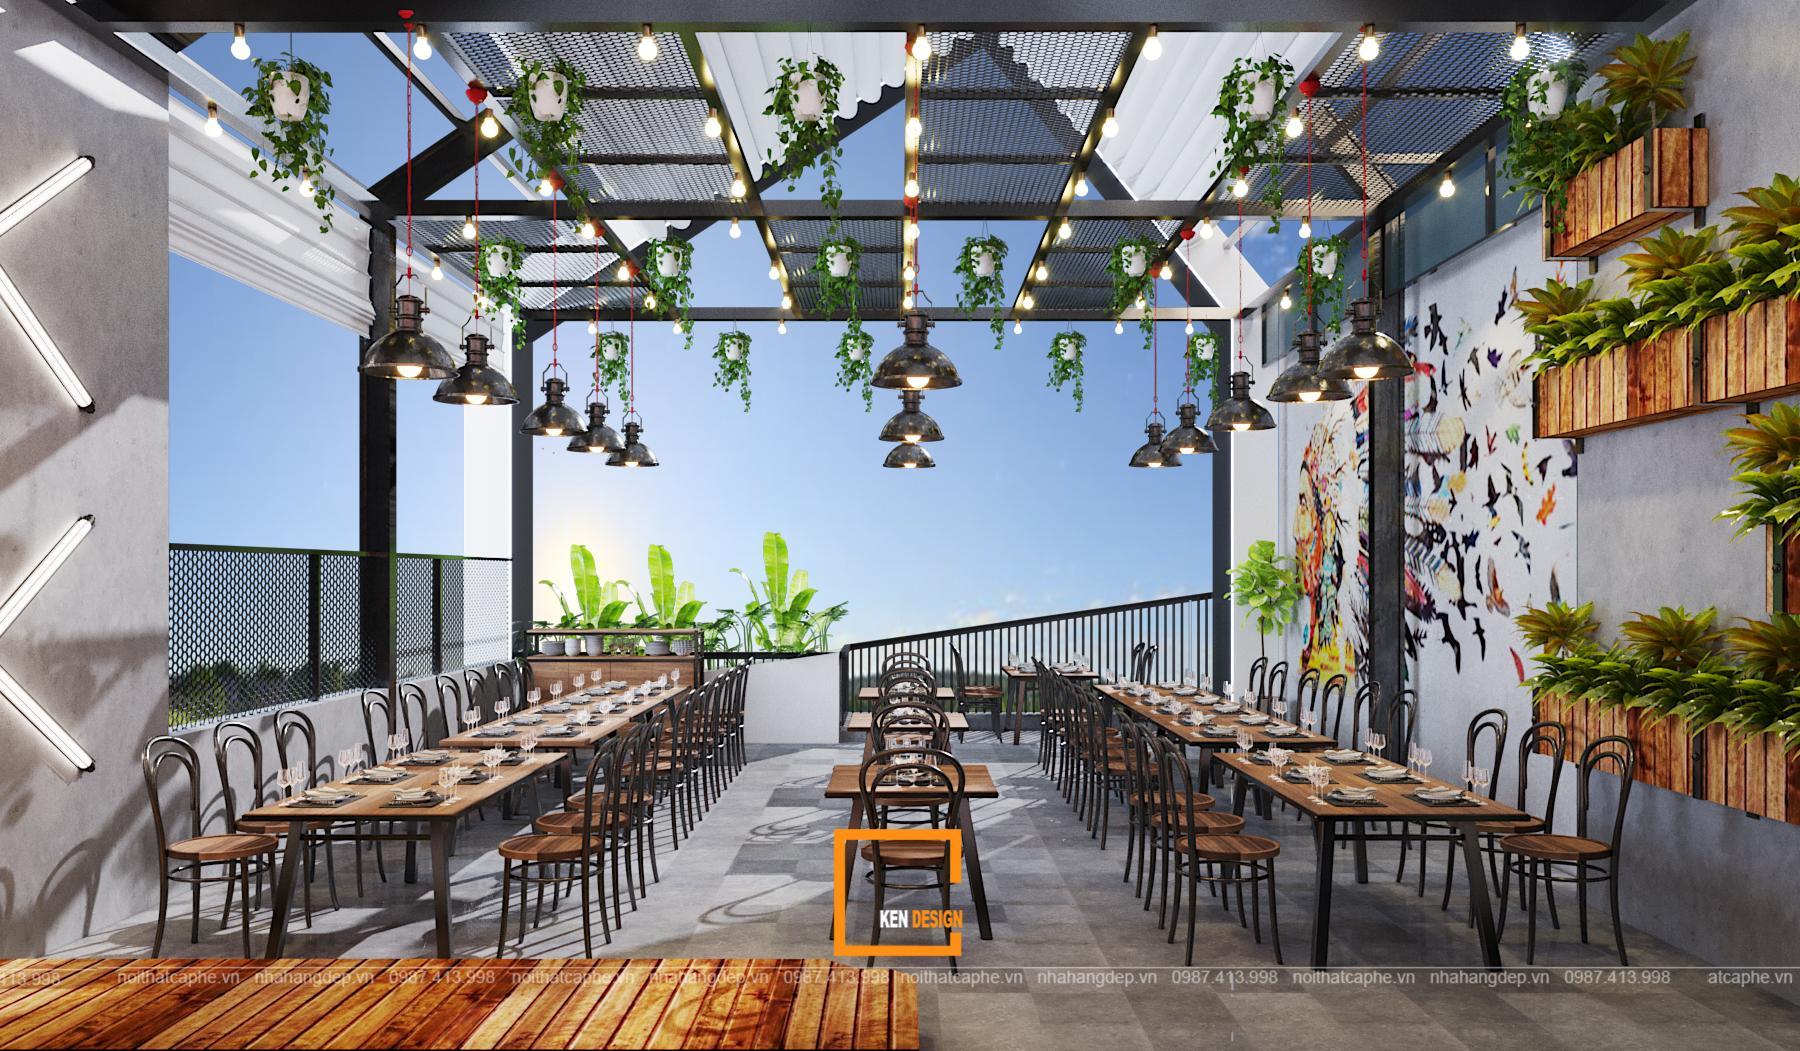 db59a06c75dd9383cacc 1 1 1 - Thiết kế nhà hàng Sapphire - sự kết hợp hoàn hảo giữa phong cách Industrial và Rustic